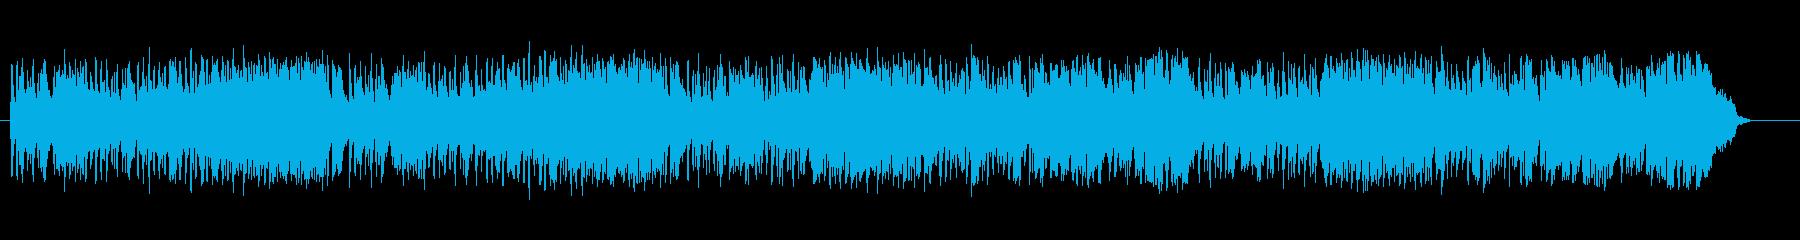 荘厳さあふれる古典派クラシックの再生済みの波形